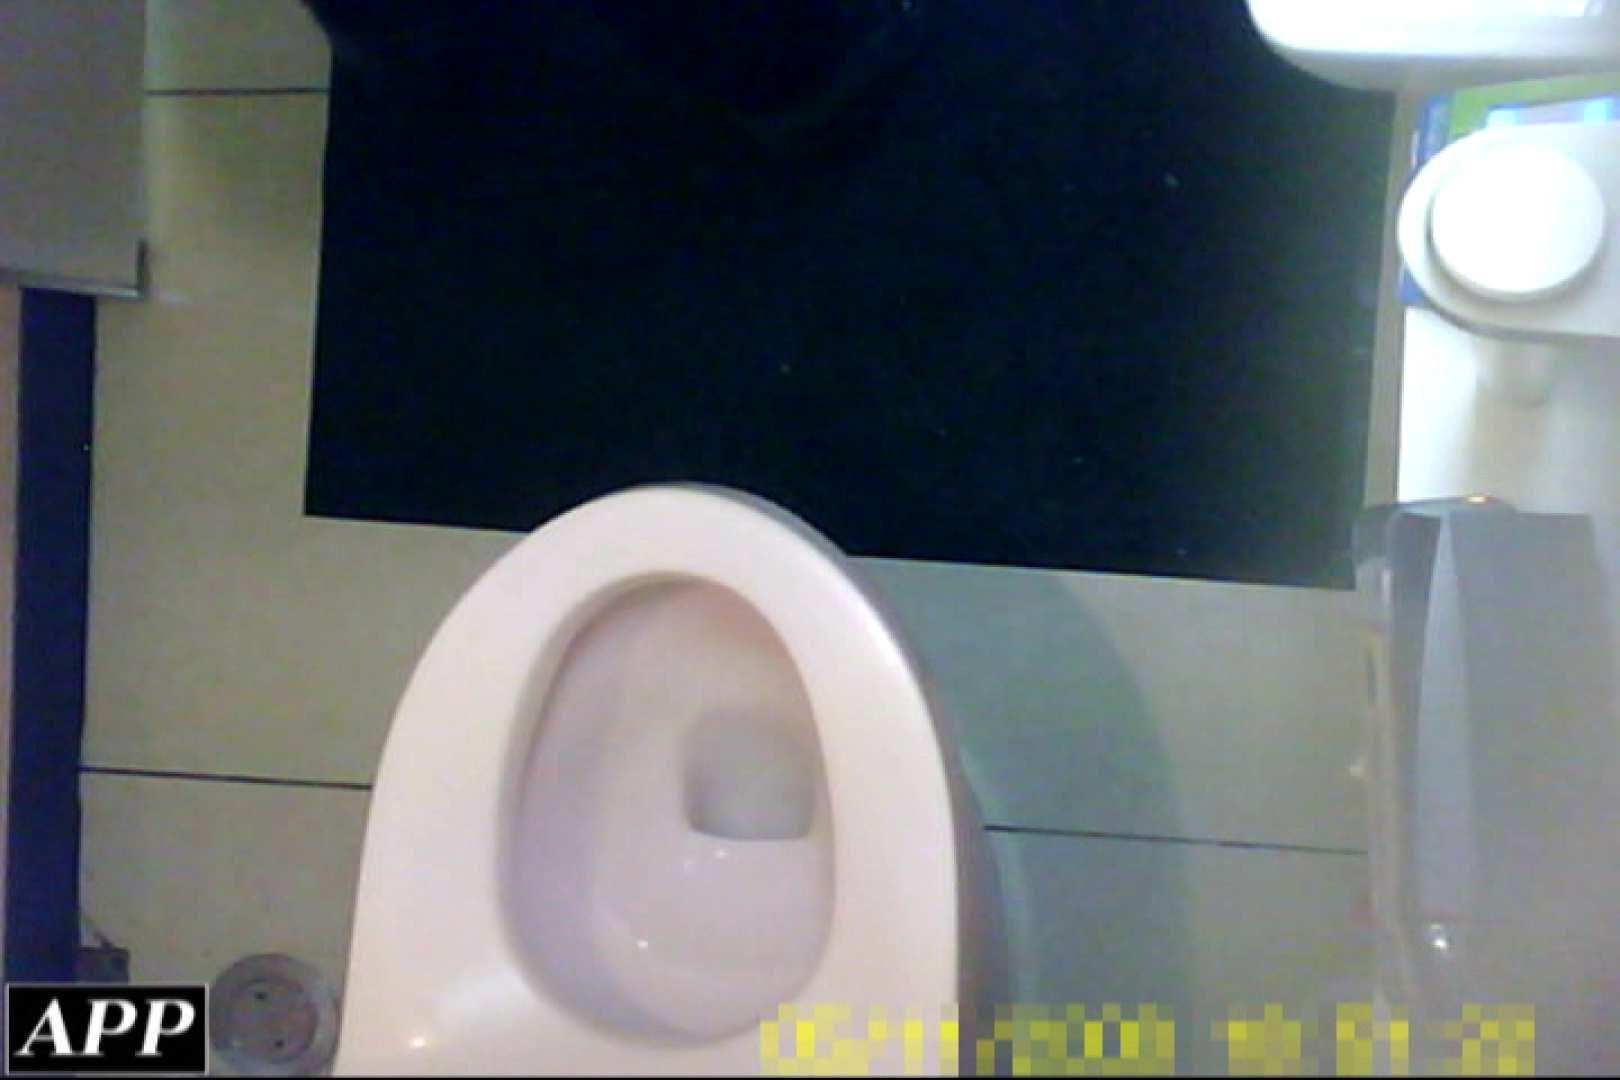 3視点洗面所 vol.60 オマンコ全開です | 0  91枚